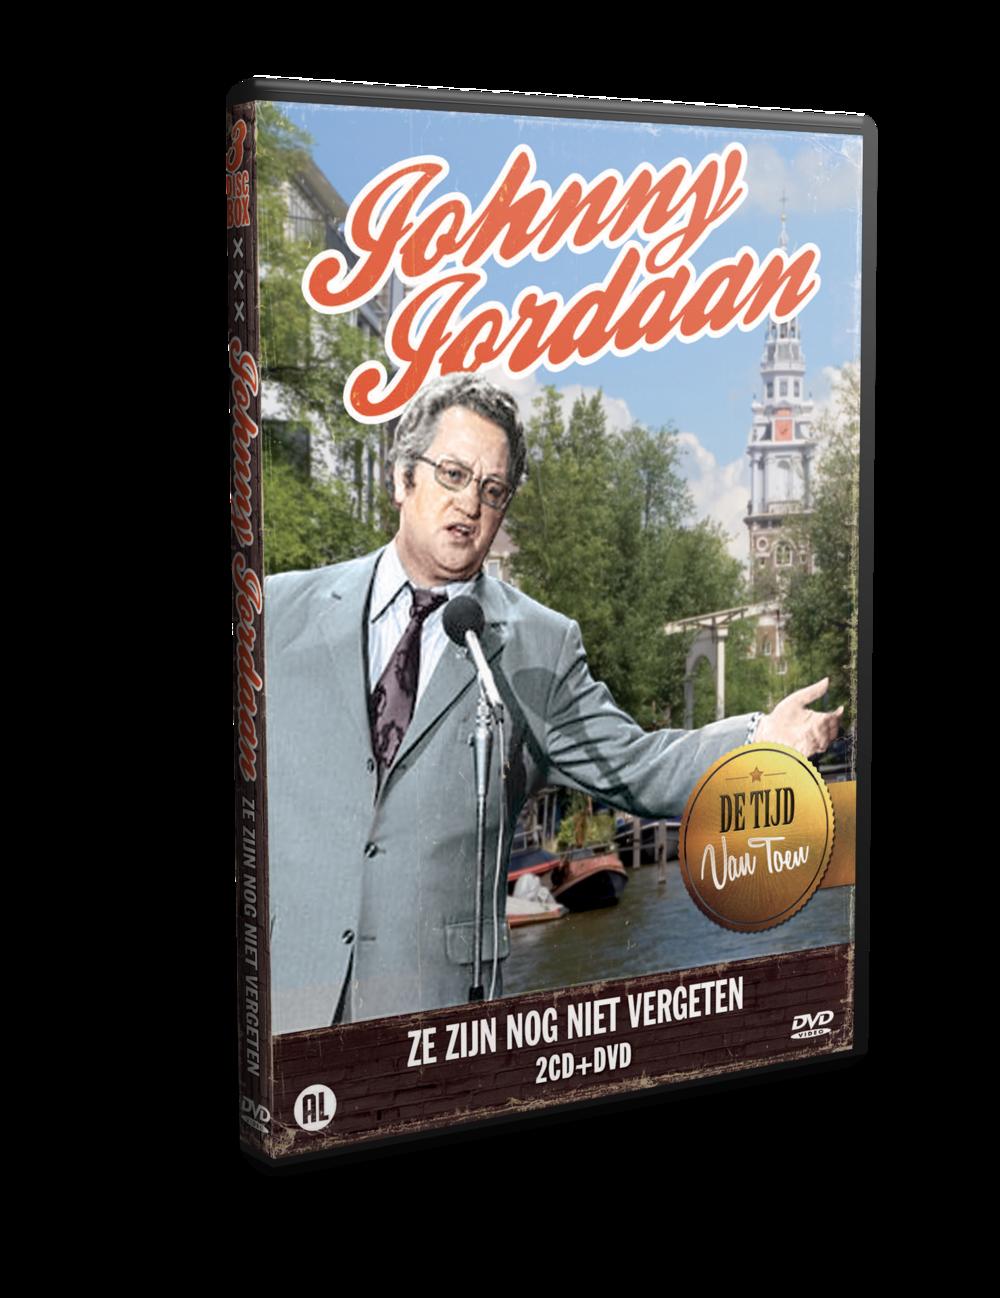 Johnny Jordaan DVD